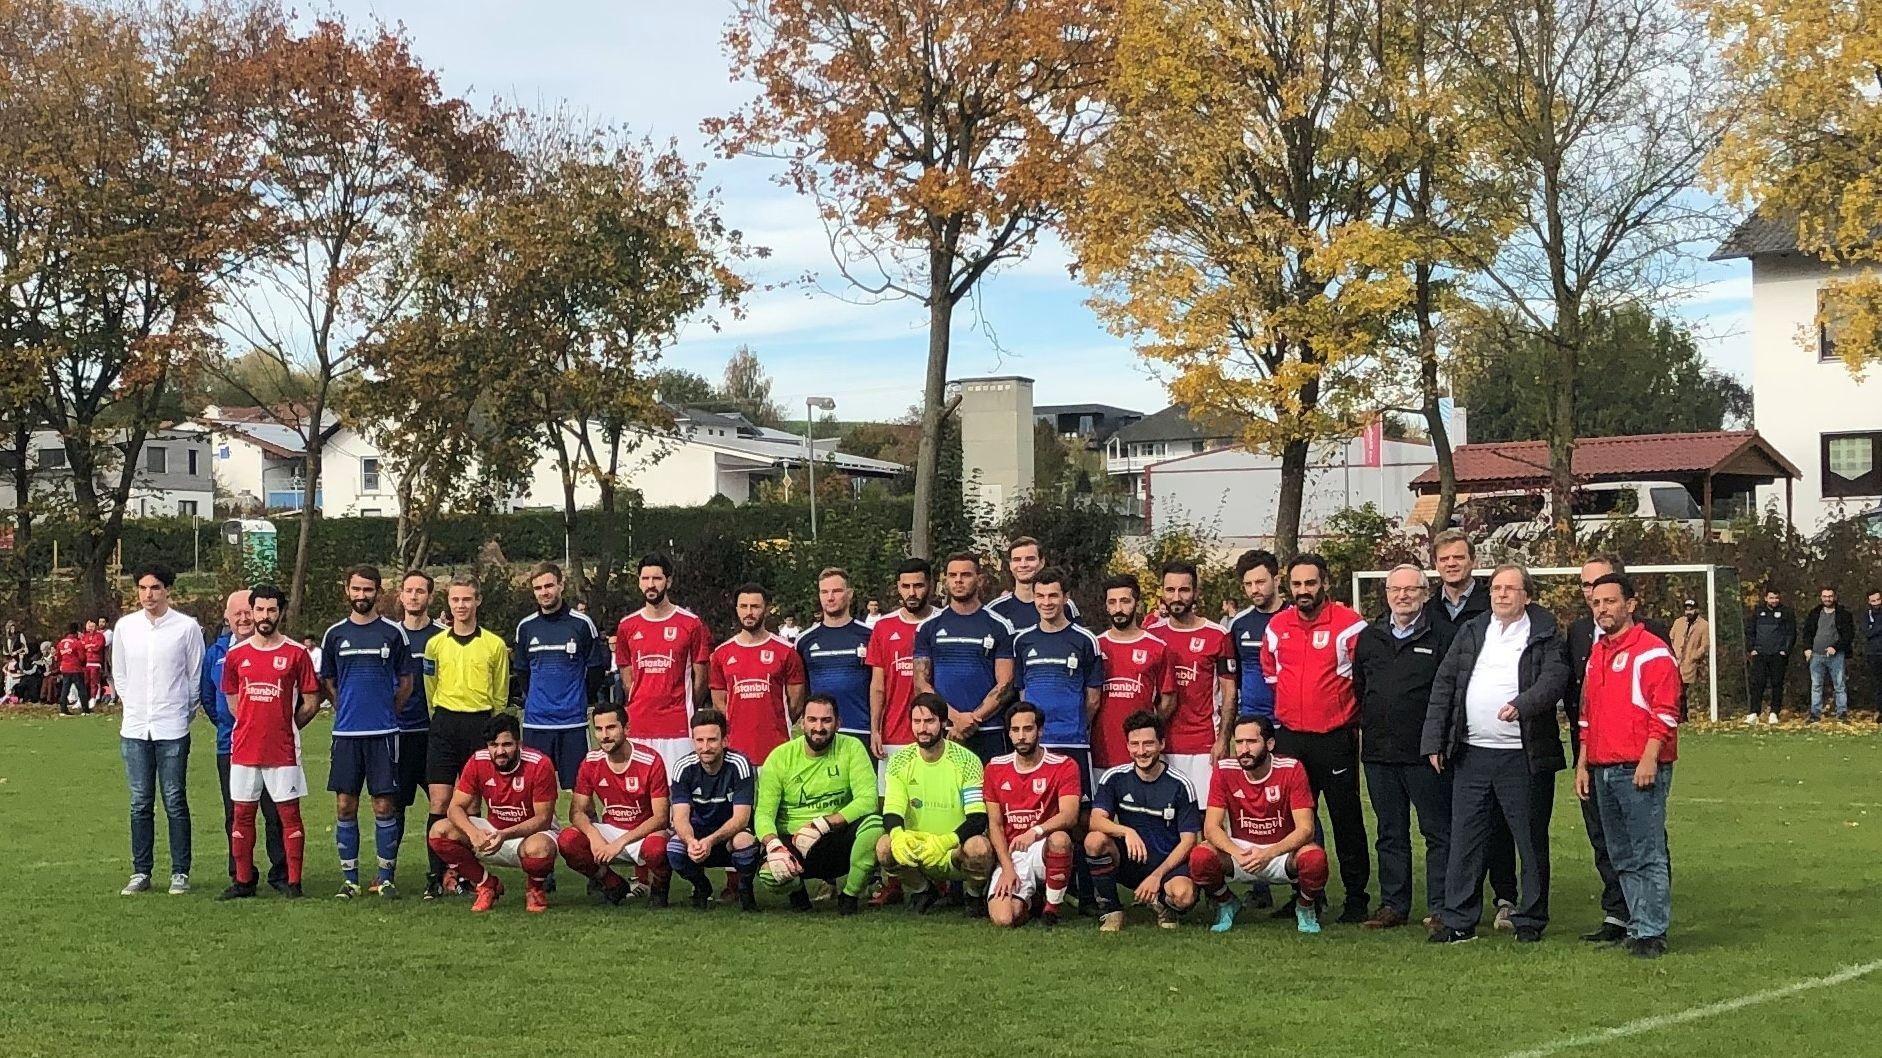 Beide Mannschaften posieren für ein gemeinschaftliches Bild vor dem Anpfiff